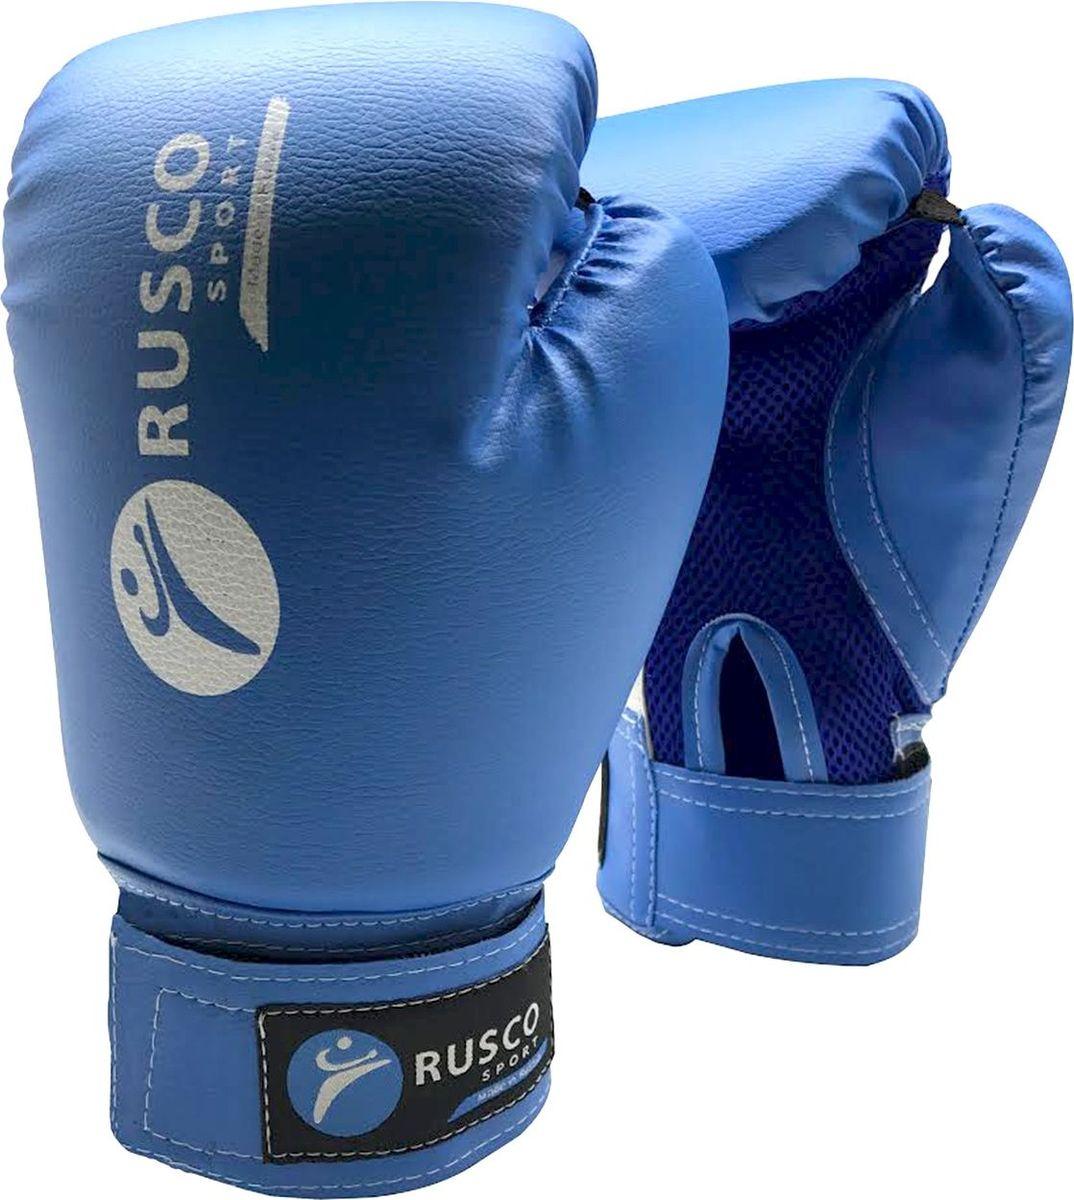 Перчатки боксерские Rusco, цвет: синий. Вес 10 унцийУТ-00009847Перчатки боксерские Rusco - это боксерские перчатки синего цвета, которые широко используются начинающими спортсменами и юниорами на тренировках. Перчатки имеют мягкую набивку, специально разработанная удобная форма позволяет избежать травм во время тренировок и профессионально подготовиться к бою. Превосходно облегают кисть, следуя всем анатомическим изгибам ладони и запястья.